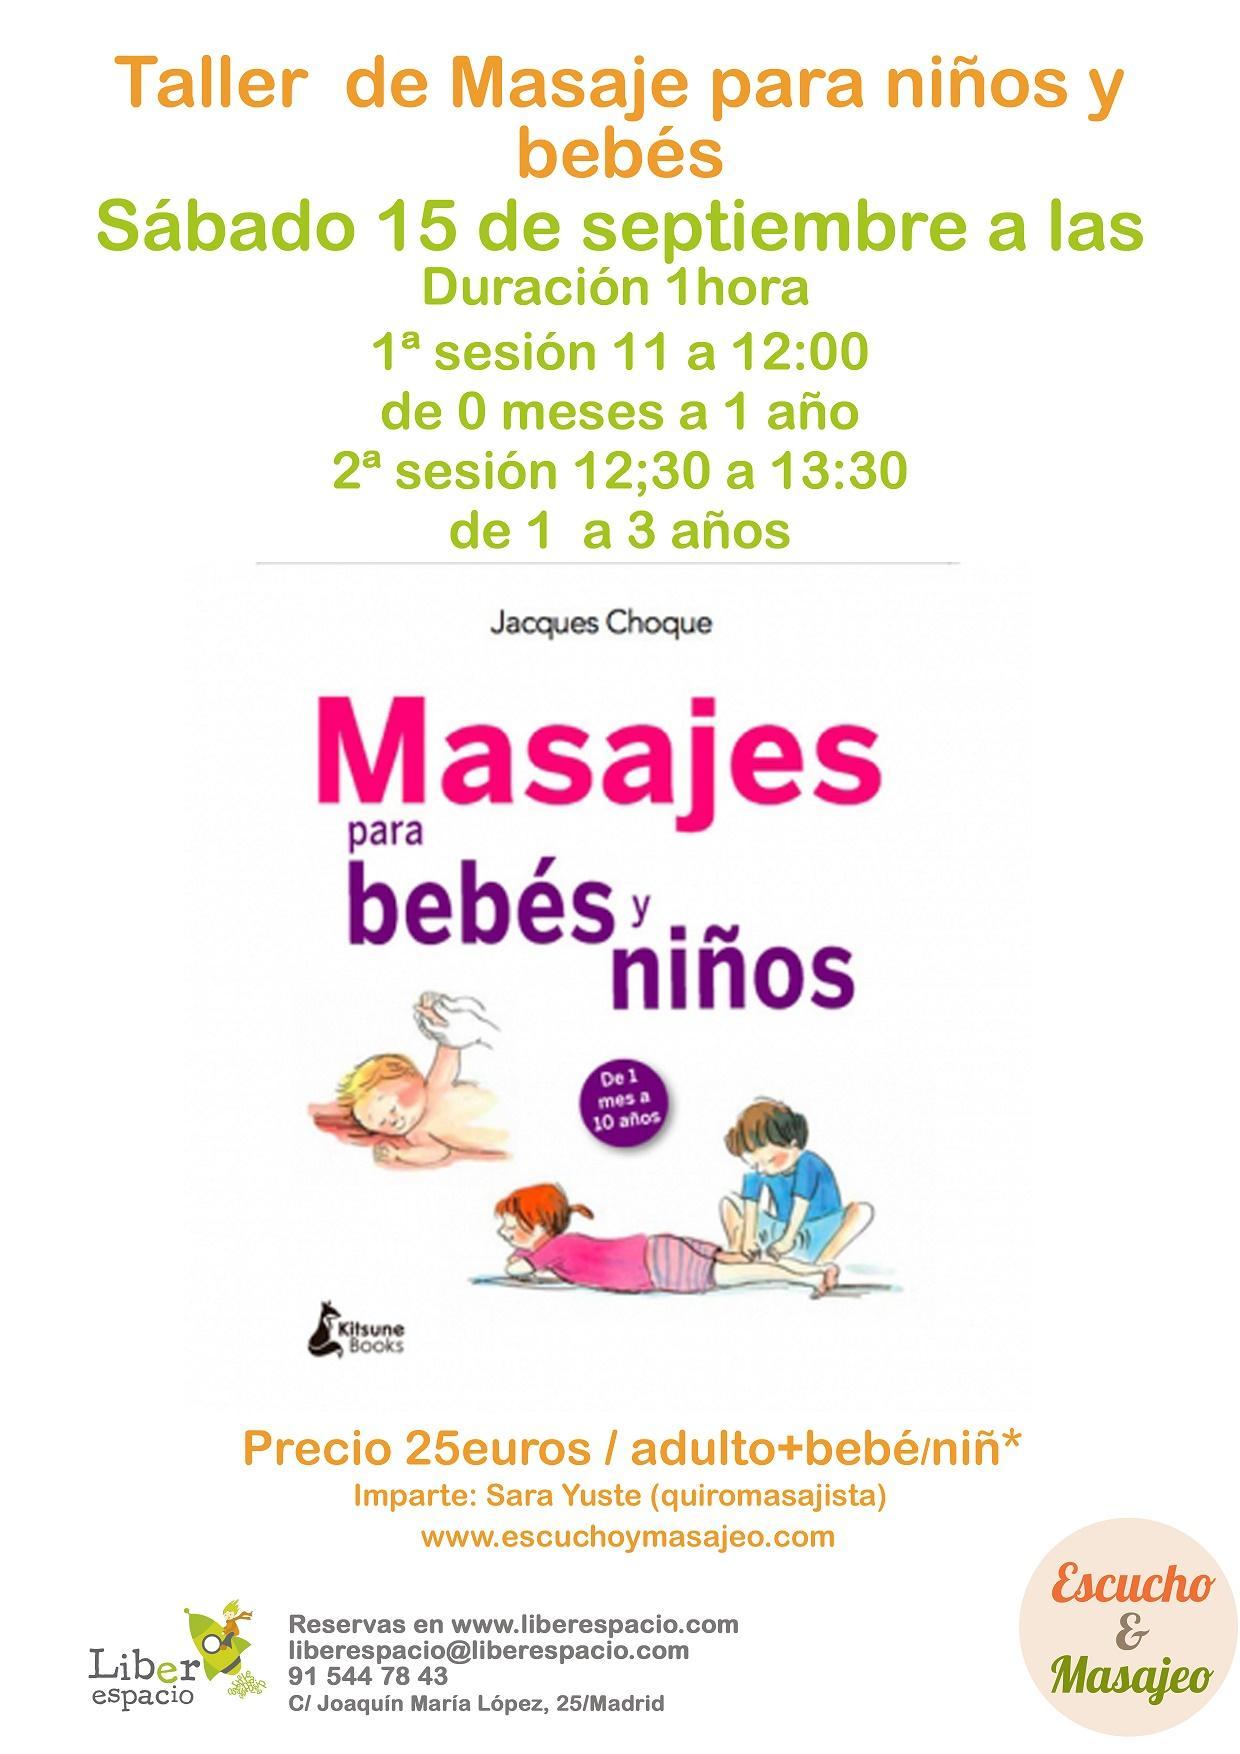 """Atelier de massage pour enfants et enfants """"srcset ="""" https://www.liberespacio.com/wp-content/uploads/2018/08/Taller-Masaje-Bebes.jpg 1240w, https://www.liberespacio.com/wp -content / uploads / 2018/08 / Taller-Masaje-Bebes-106x150.jpg 106w, https://www.liberespacio.com/wp-content/uploads/2018/08/Taller-Masaje-Bebes-424x600.jpg 424w , https://www.liberespacio.com/wp-content/uploads/2018/08/Taller-Masaje-Bebes-768x1086.jpg 768w, https://www.liberespacio.com/wp-content/uploads/2018/ 08 / Taller-Masaje-Bebes-724x1024.jpg 724w, https://www.liberespacio.com/wp-content/uploads/2018/08/Taller-Masaje-Bebes-600x849.jpg 600w, https: // www. liberespacio.com/wp-content/uploads/2018/08/Taller-Masaje-Bebes-127x180.jpg 127w, https://www.liberespacio.com/wp-content/uploads/2018/08/Taller-Masaje-Bebes -212x300.jpg 212w """"size ="""" (largeur maximale: 1240px) 100vw, 1240px"""